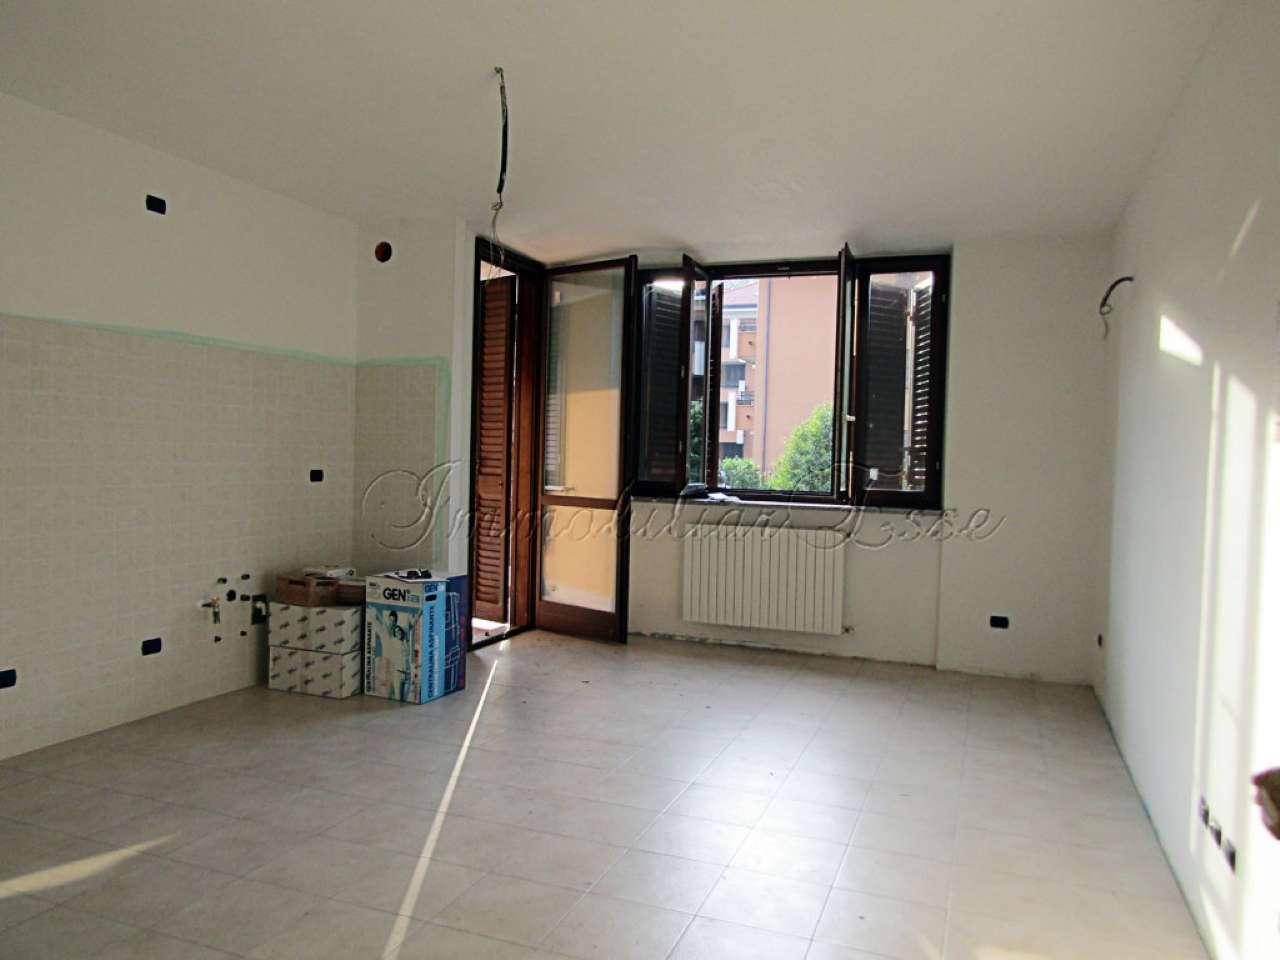 Appartamento in Vendita a Peschiera Borromeo: 2 locali, 71 mq